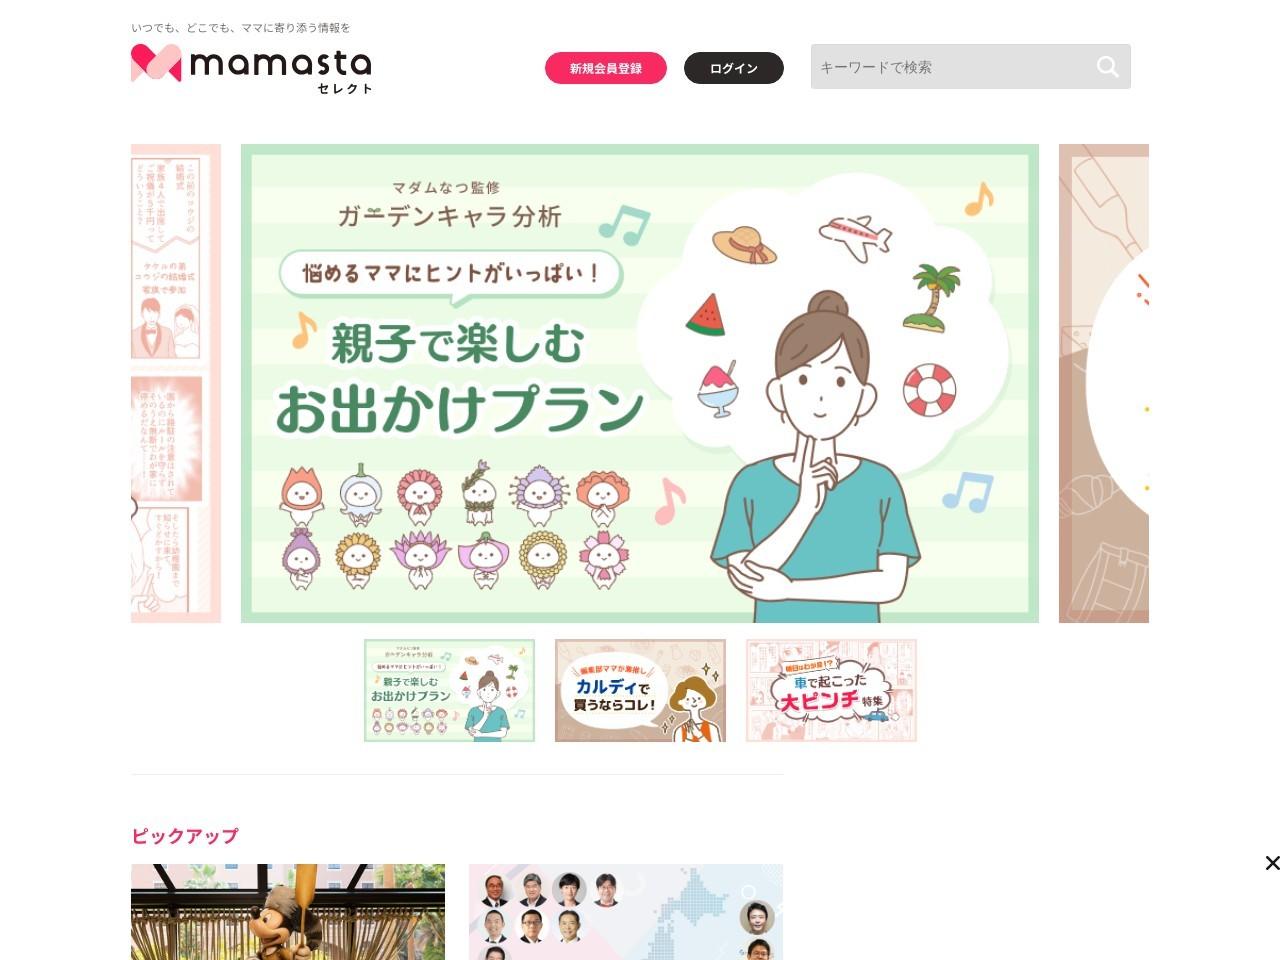 https://select.mamastar.jp/101821